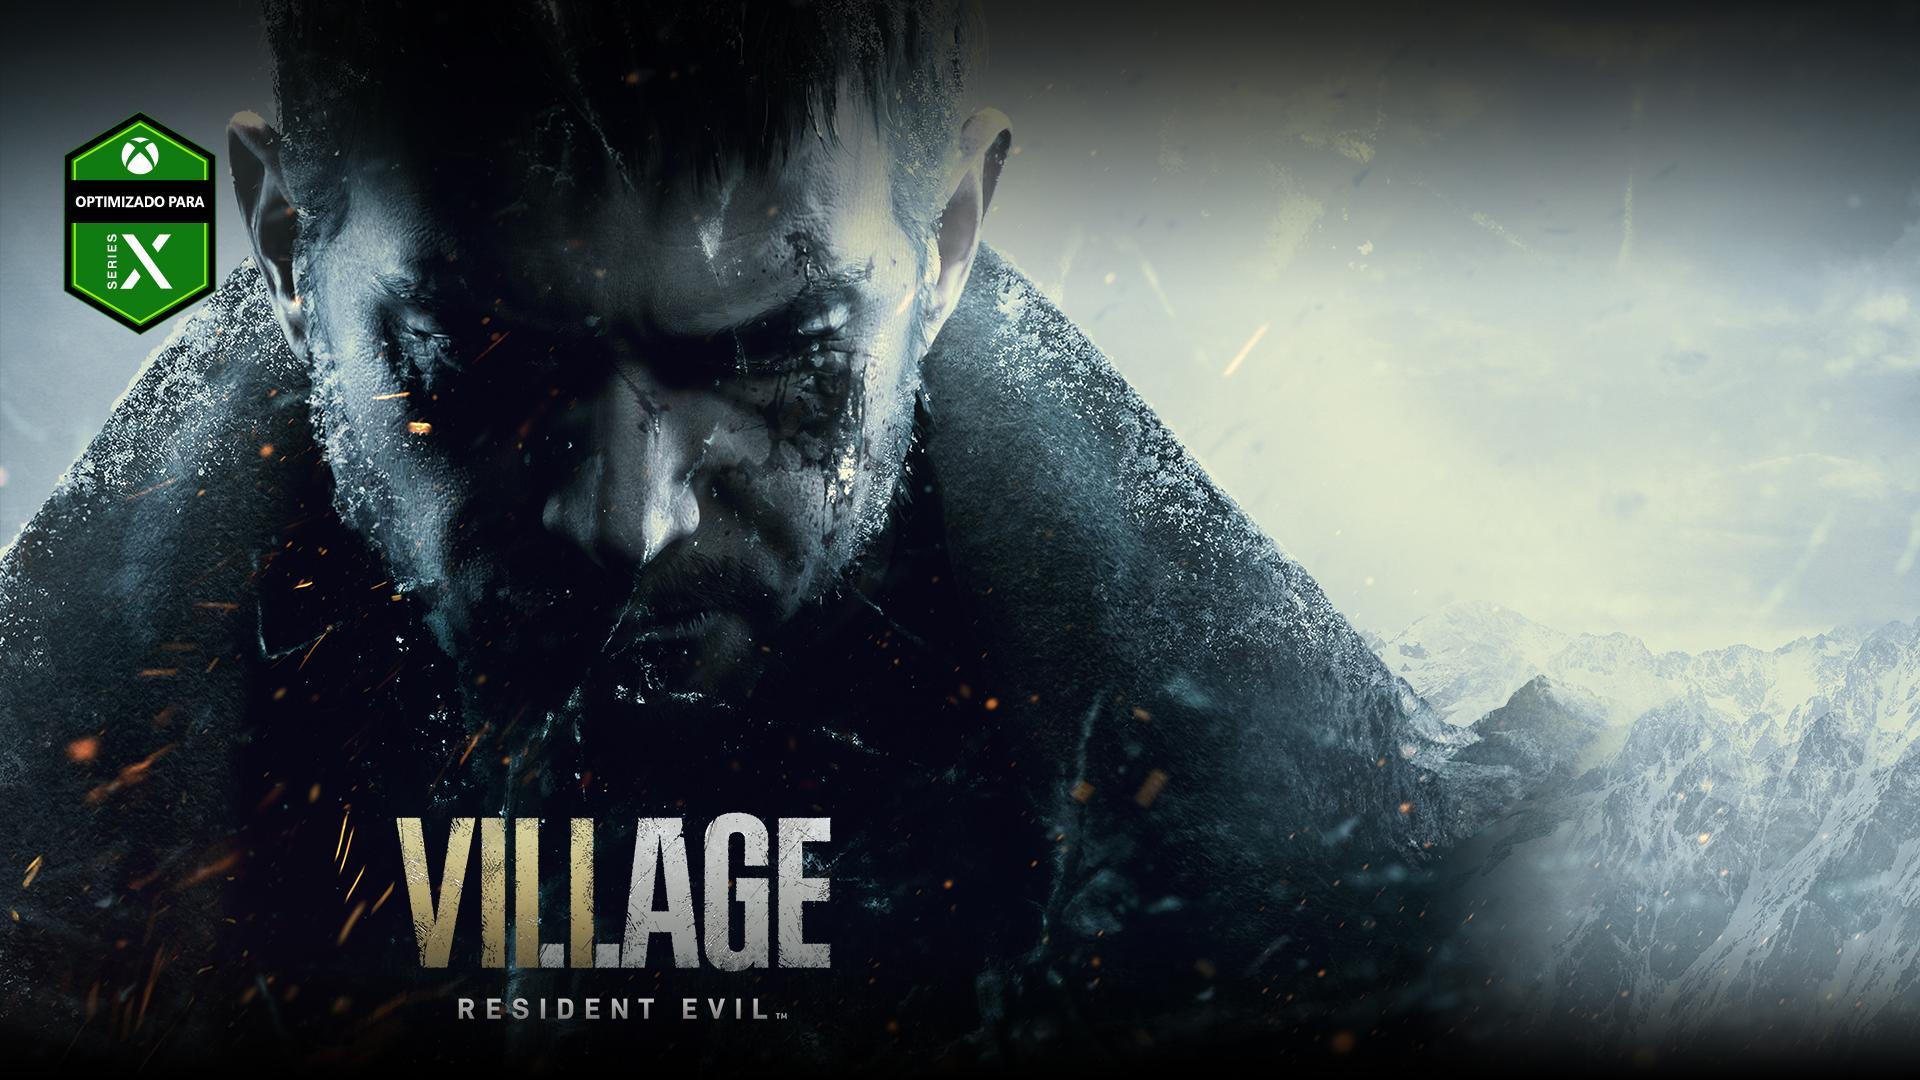 Resident Evil Village, Chris Redfield con cara sombría en la ladera de una montaña